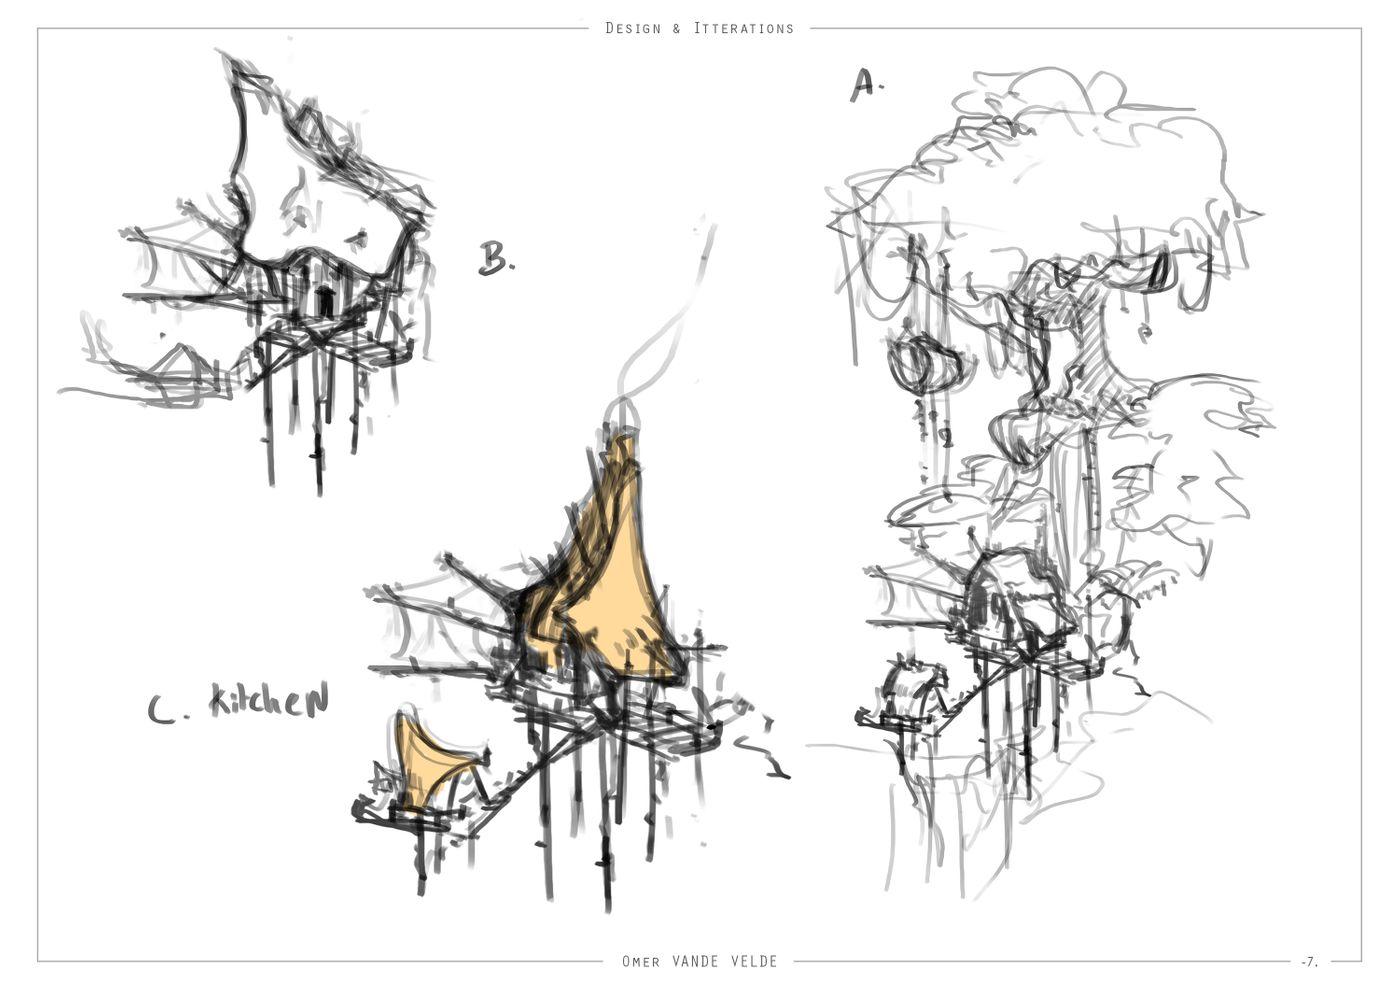 8 Design 2 Omervandevelde